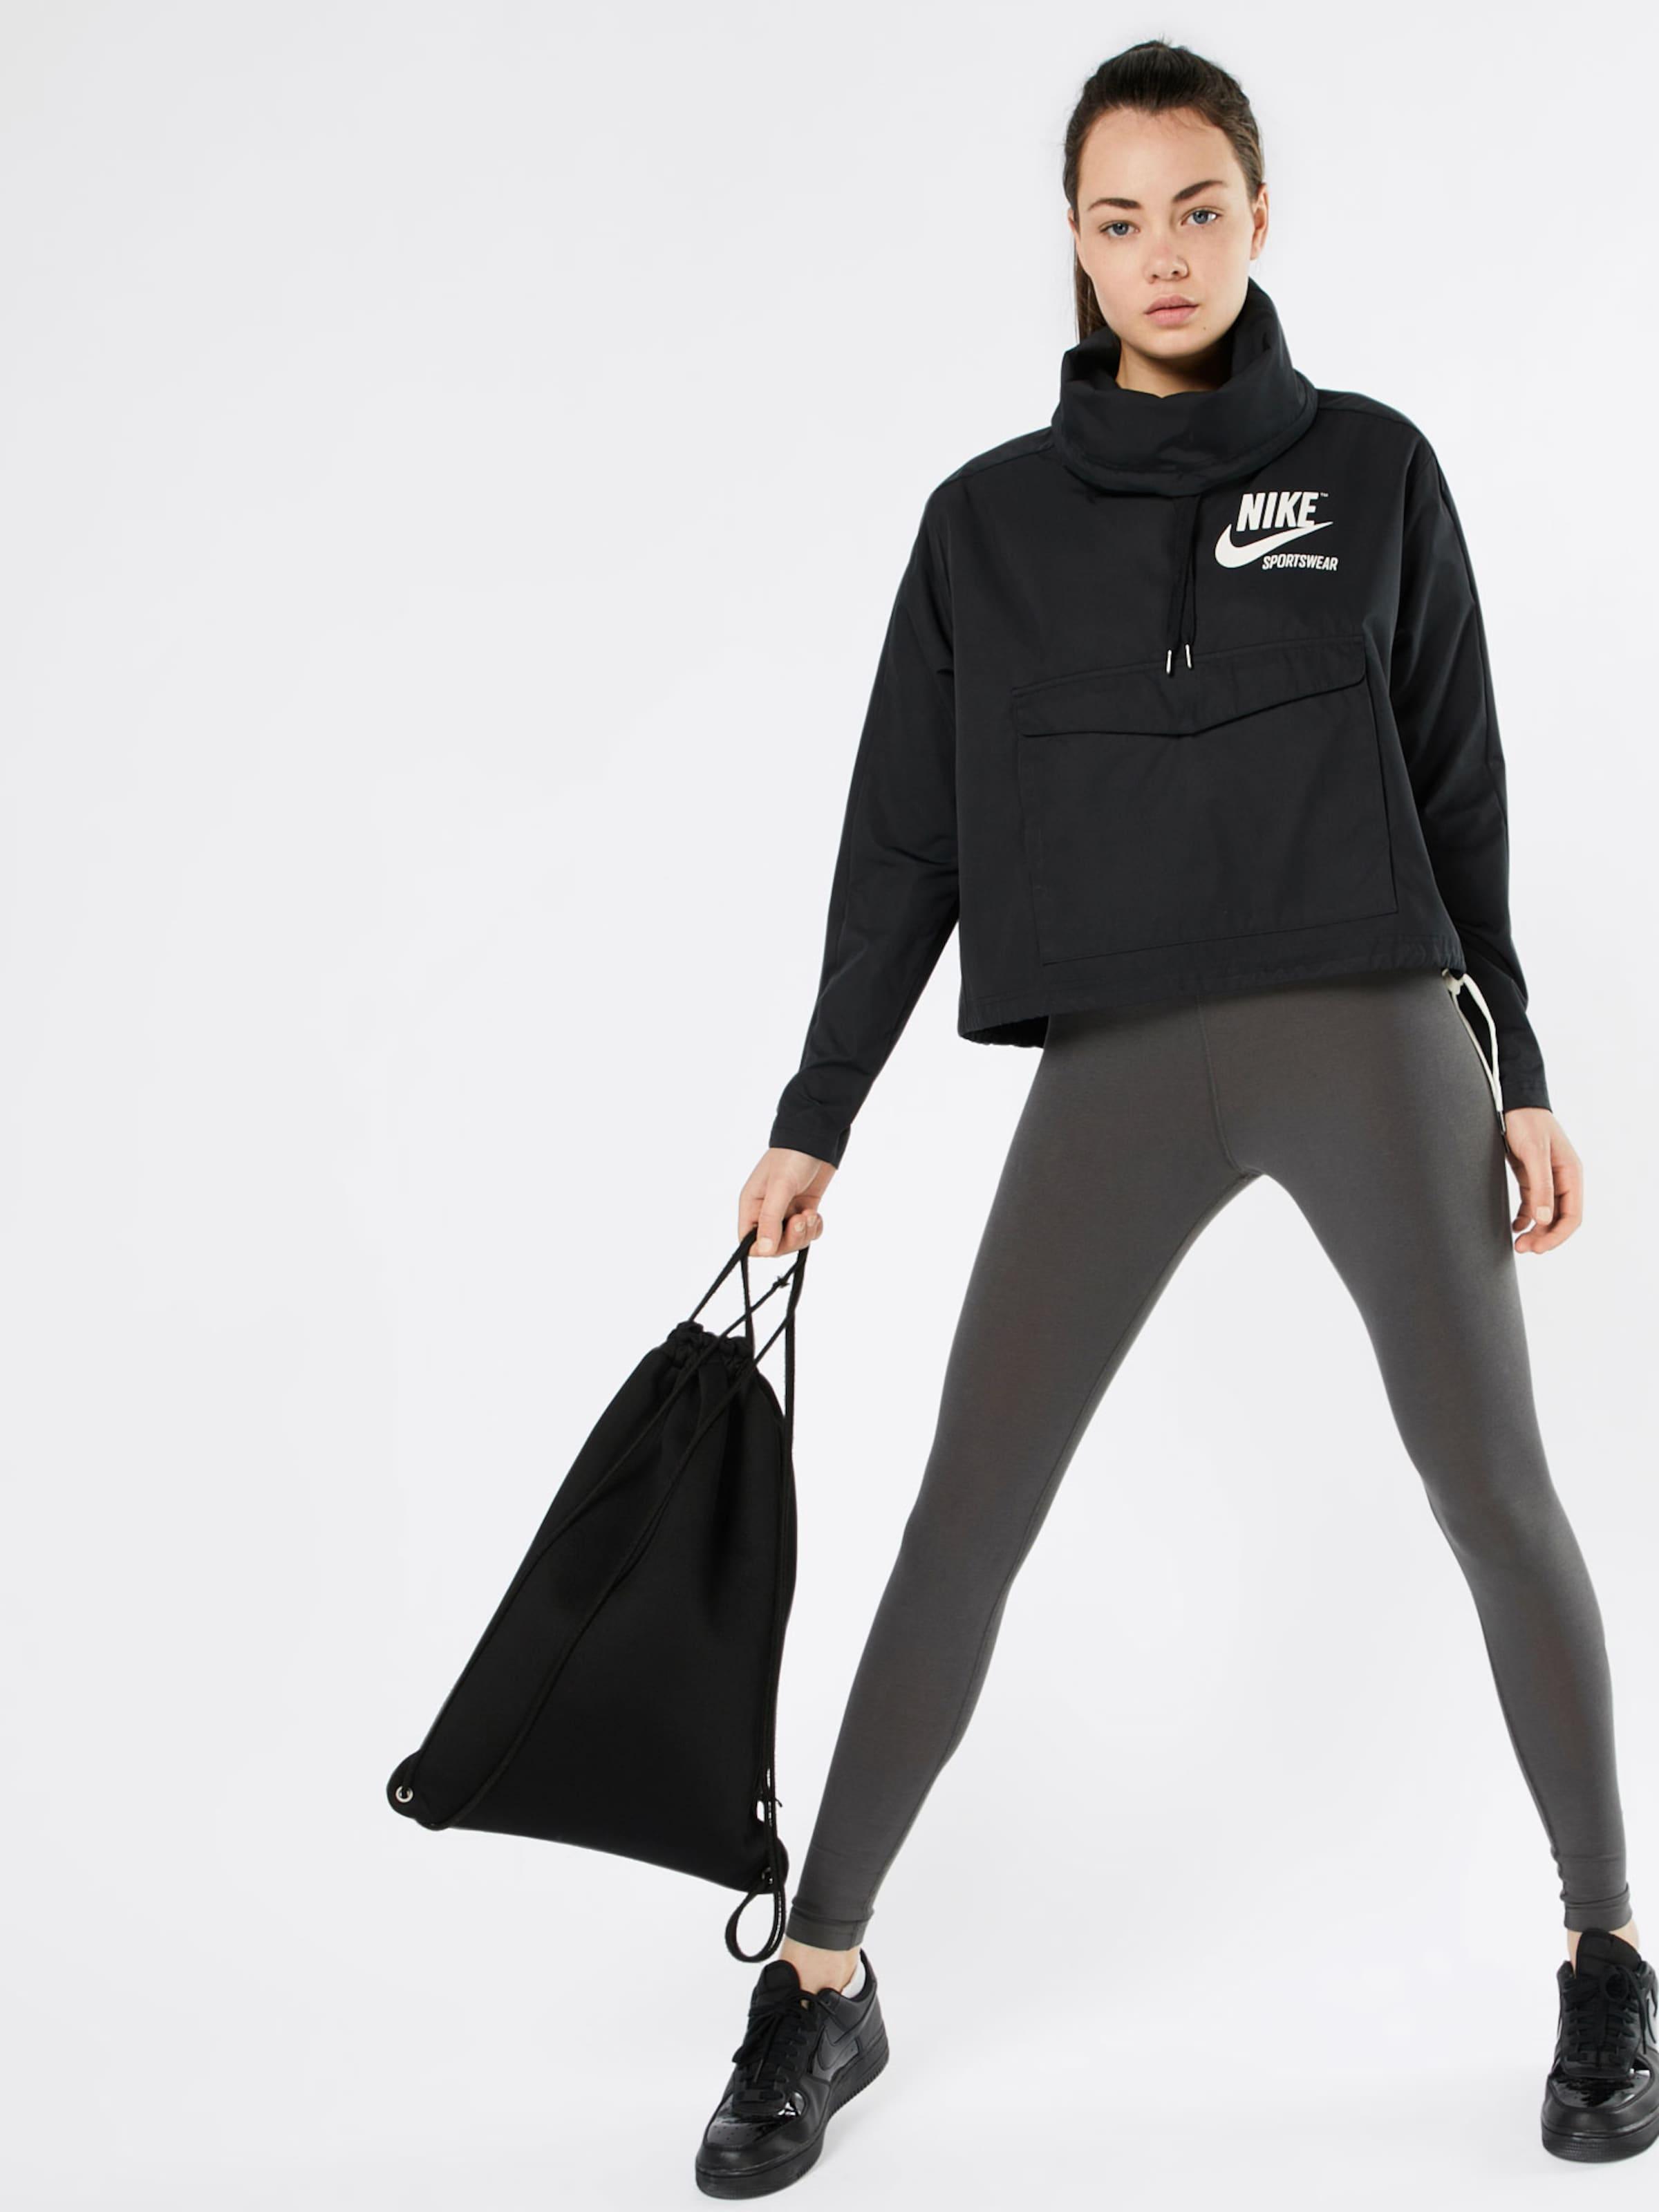 Nike Sportswear Sportjacke Billig Verkauf Empfehlen Super Angebote Billig Verkauf Versorgung AUxQEThasI